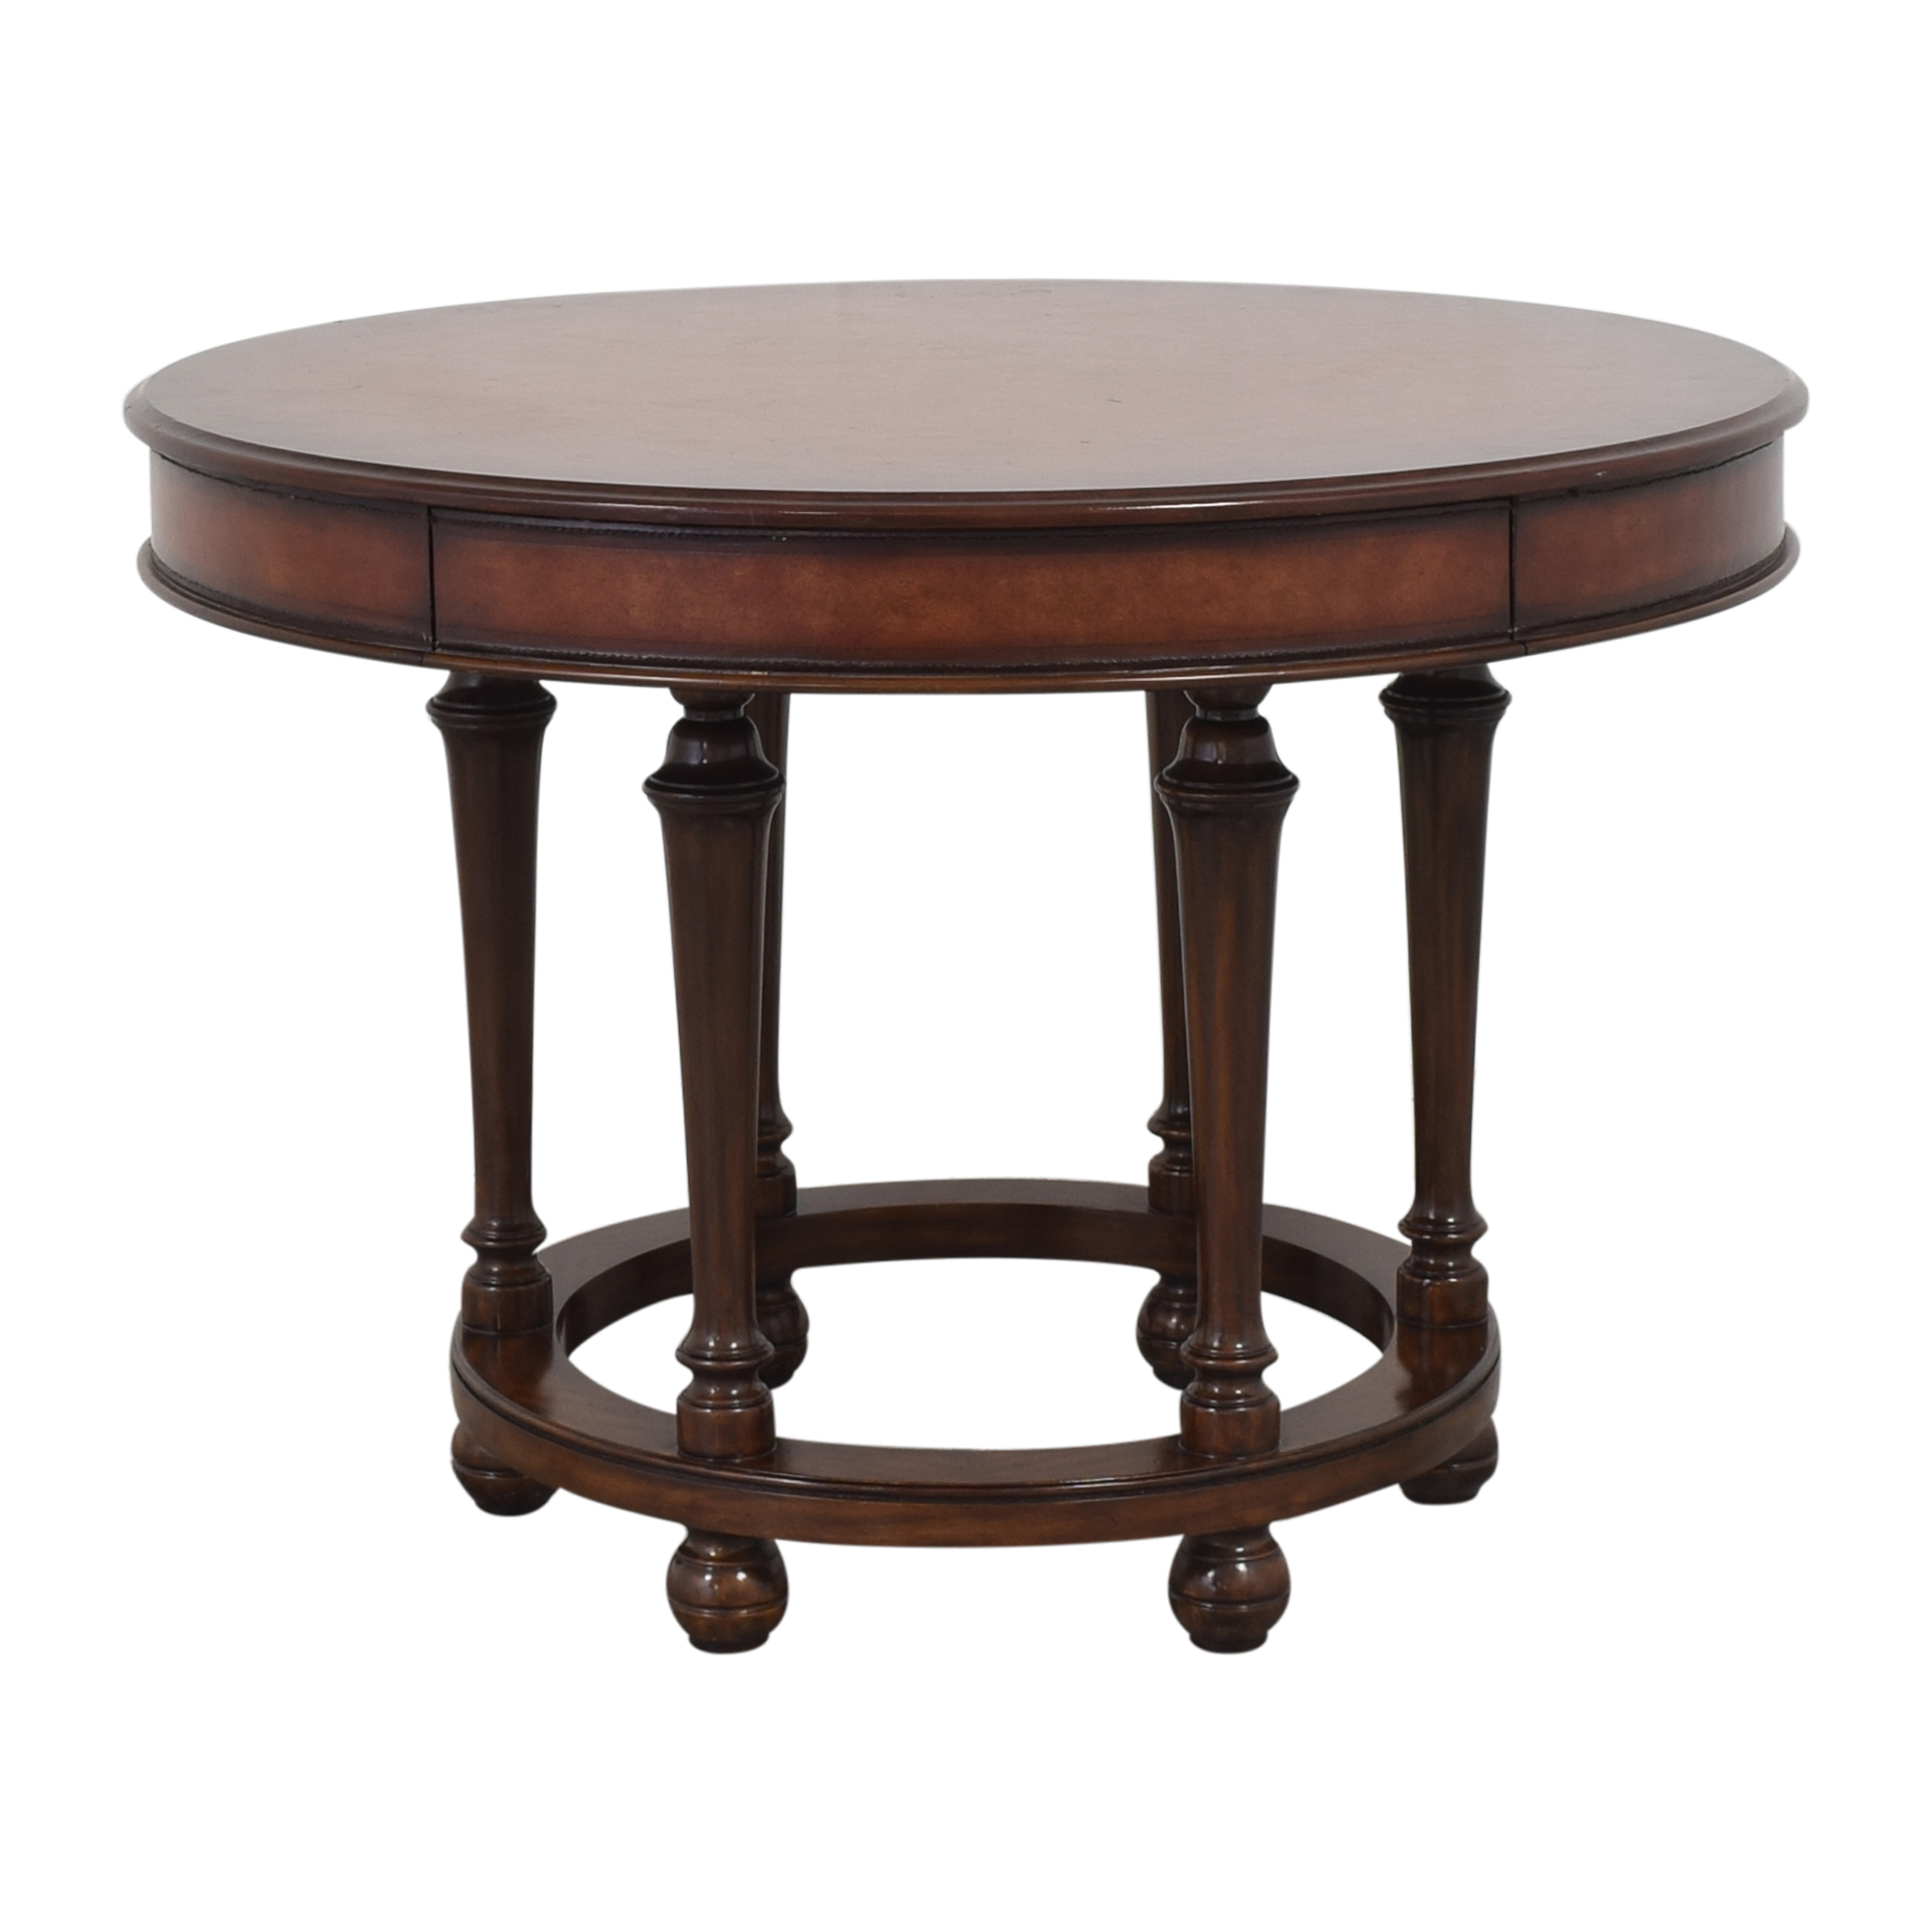 Ralph Lauren Home Ralph Lauren Round Accent Table ct